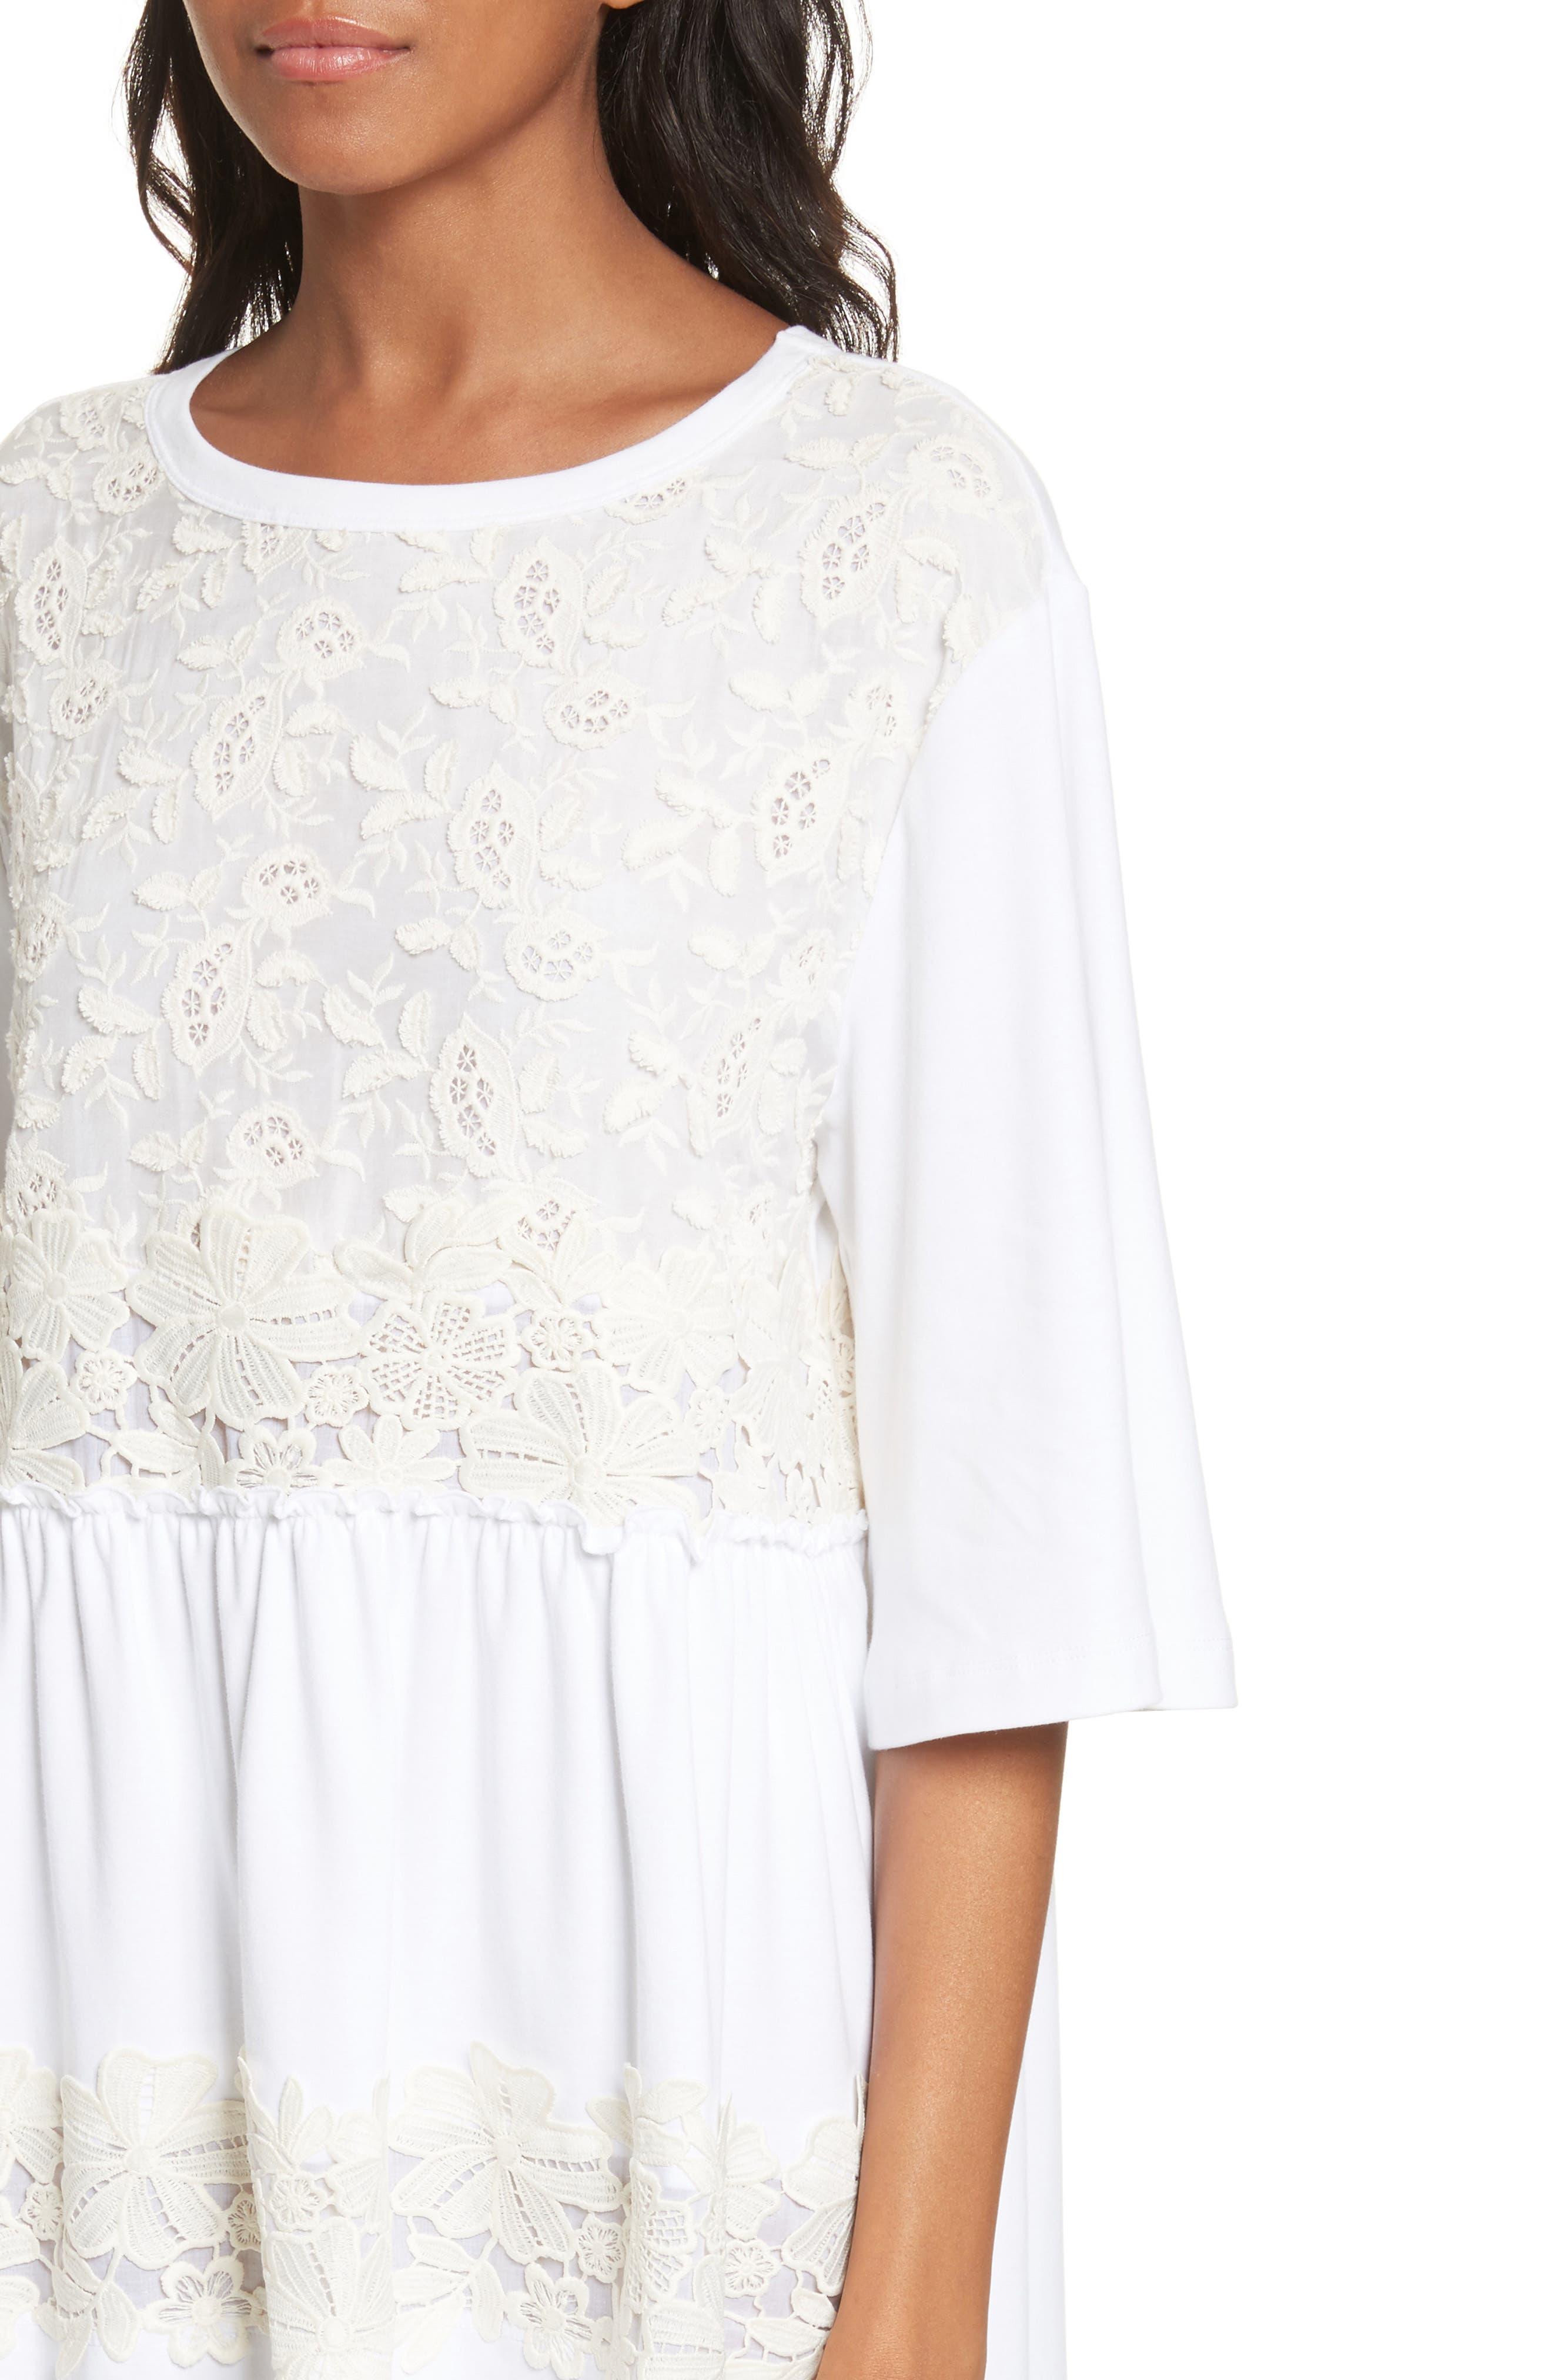 Crochet Panel Dress,                             Alternate thumbnail 4, color,                             White